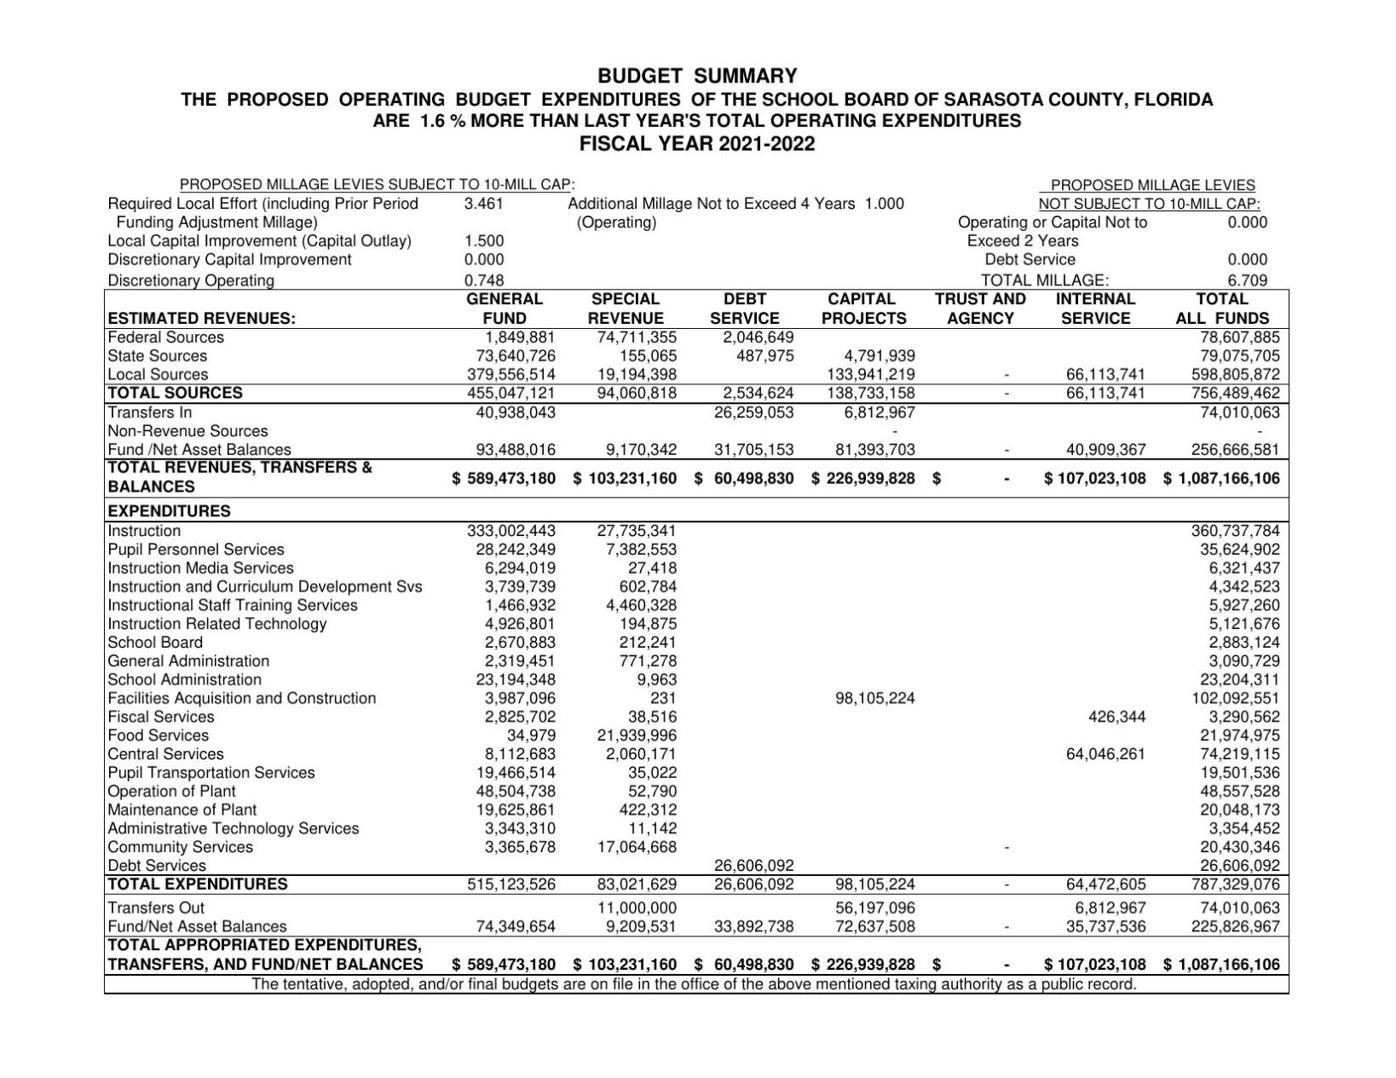 Tentative budget for 2021-2022